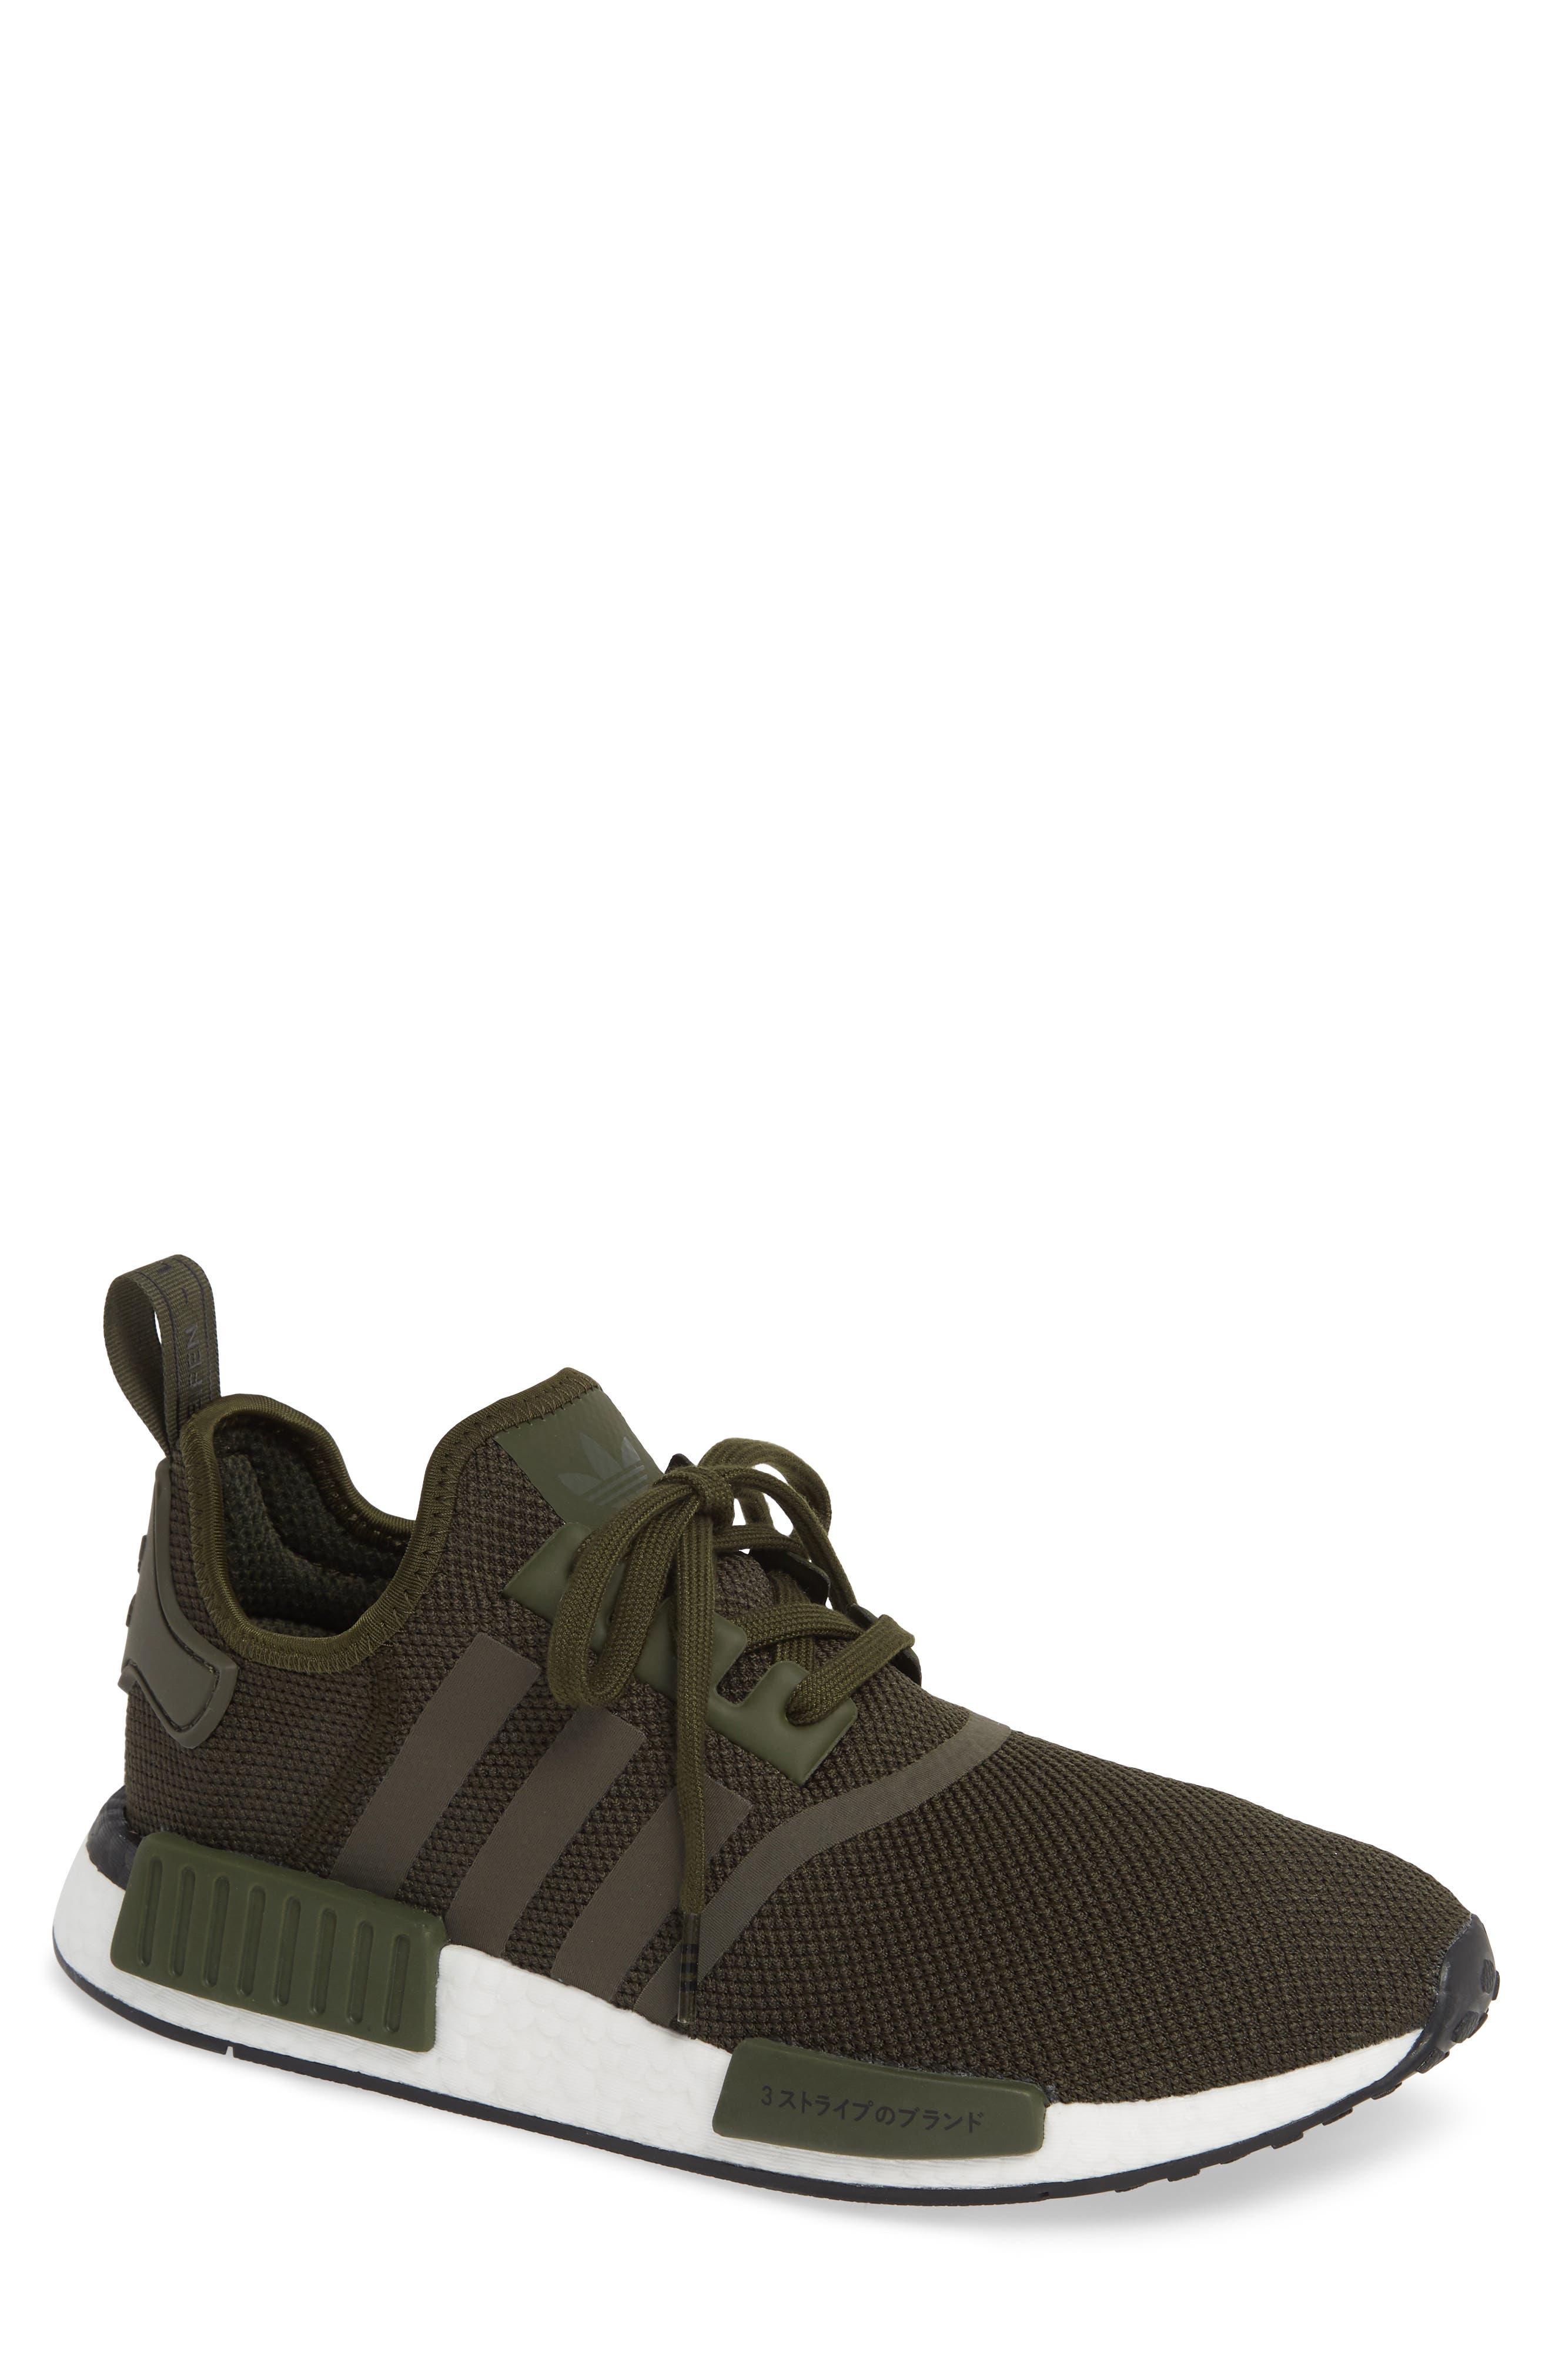 ADIDAS Originals NMD R1 Sneaker, Main, color, NIGHT CARGO/ BLACK